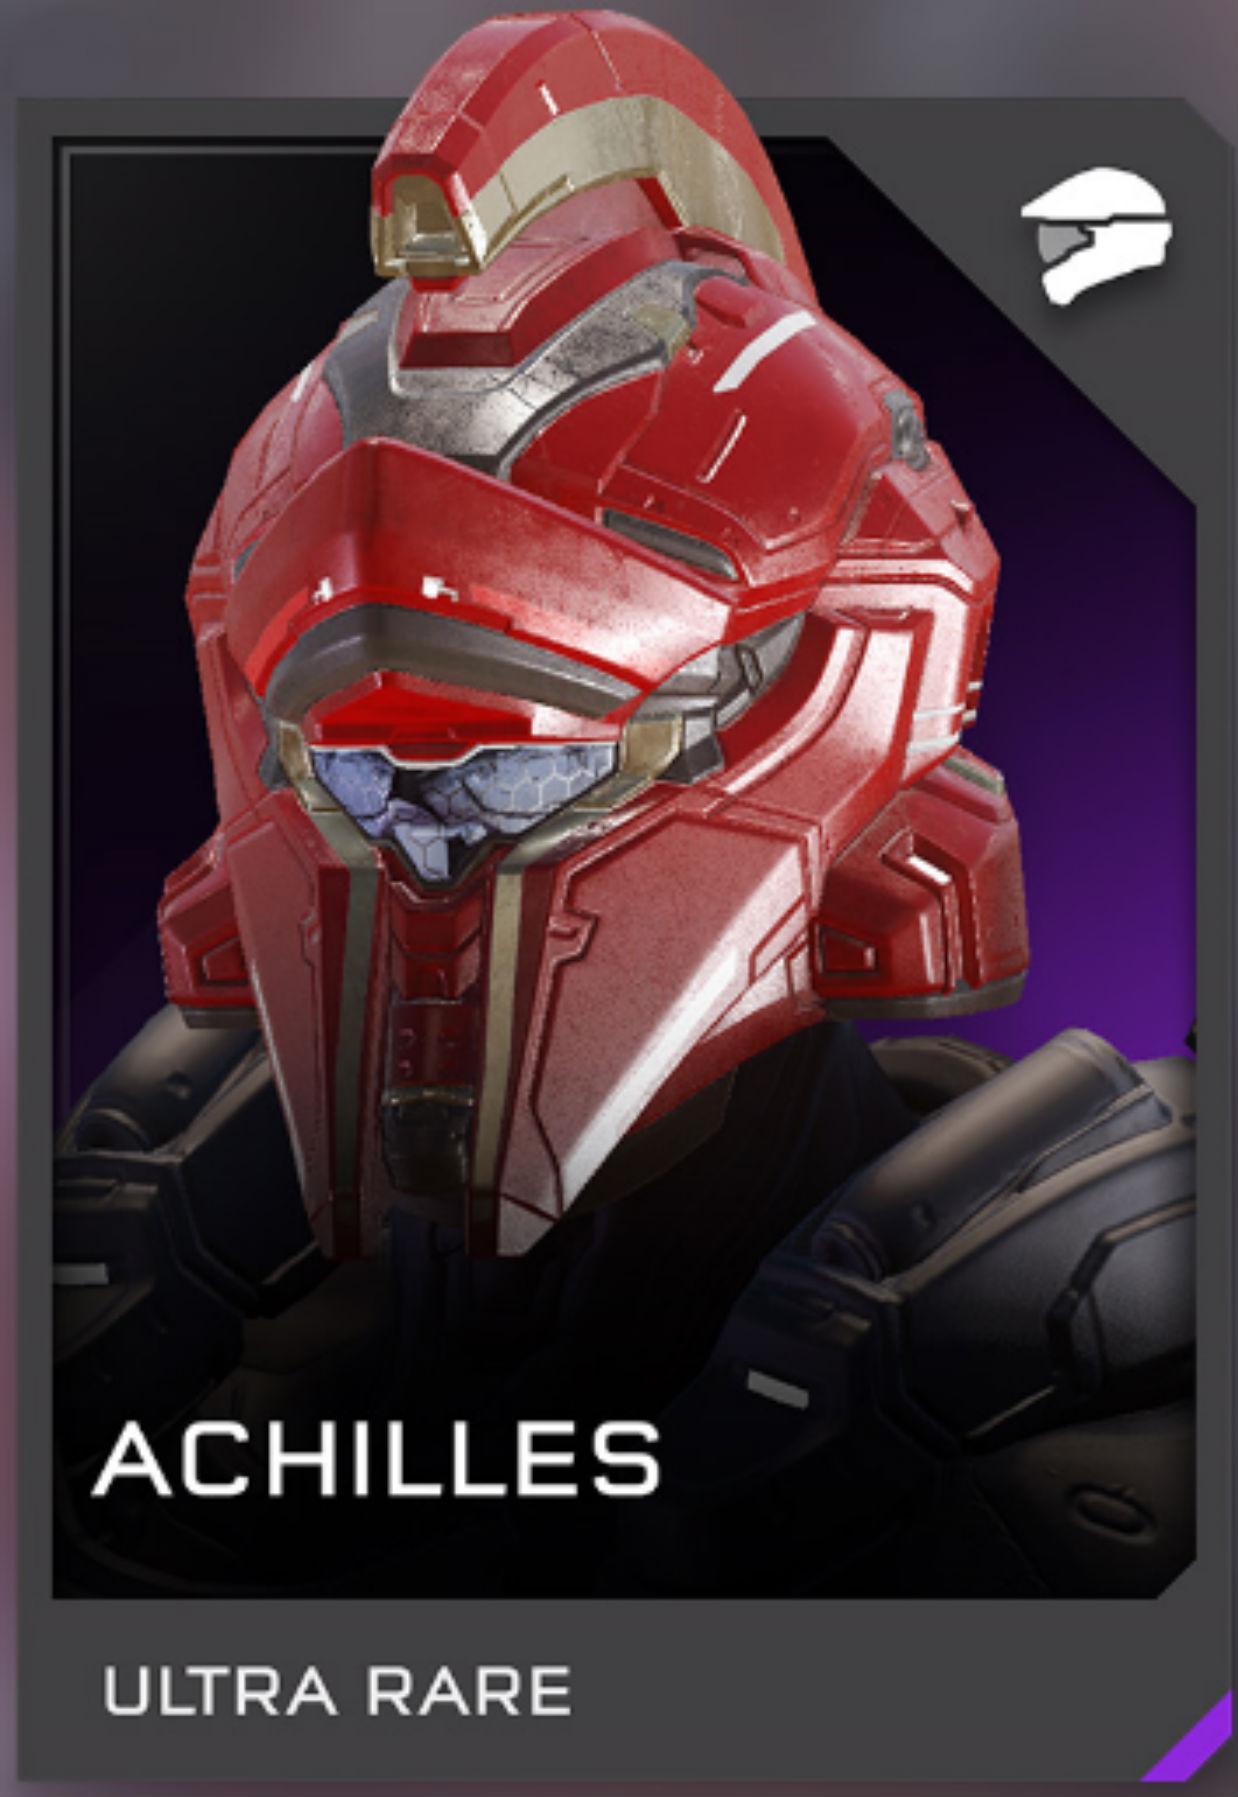 Achilles Helmet Update August 2019 Podcast Evolved